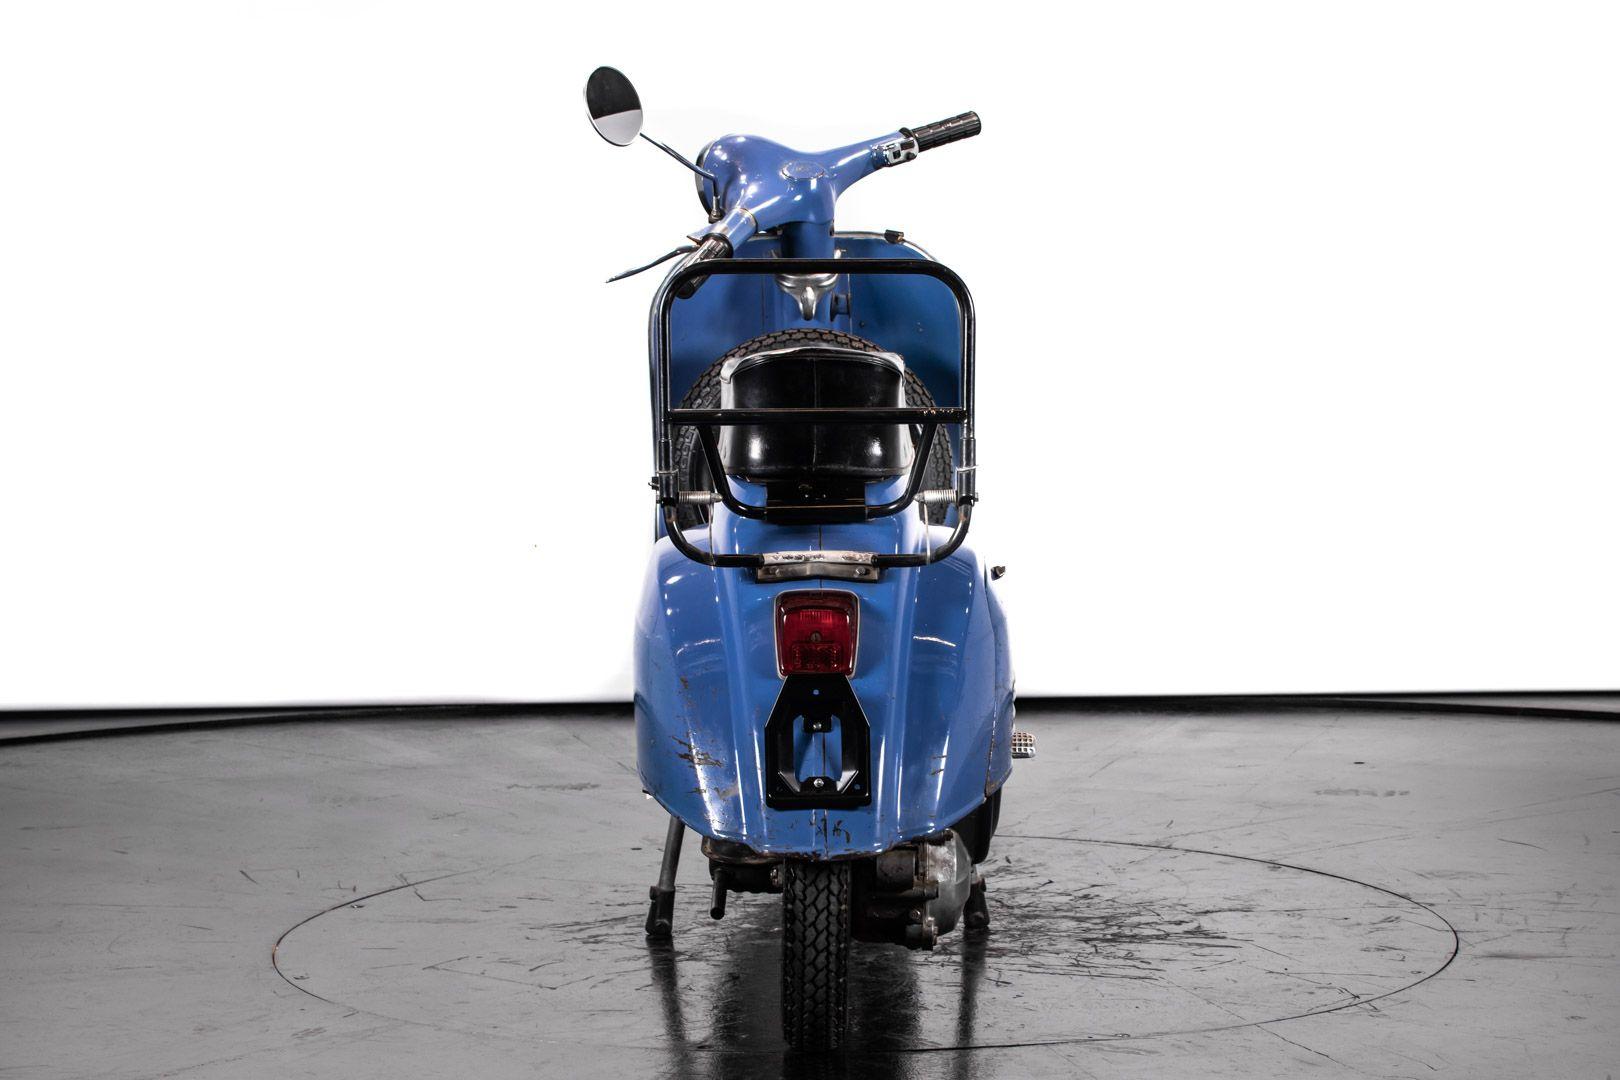 1974 Piaggio Vespa 50 3 marce 83493